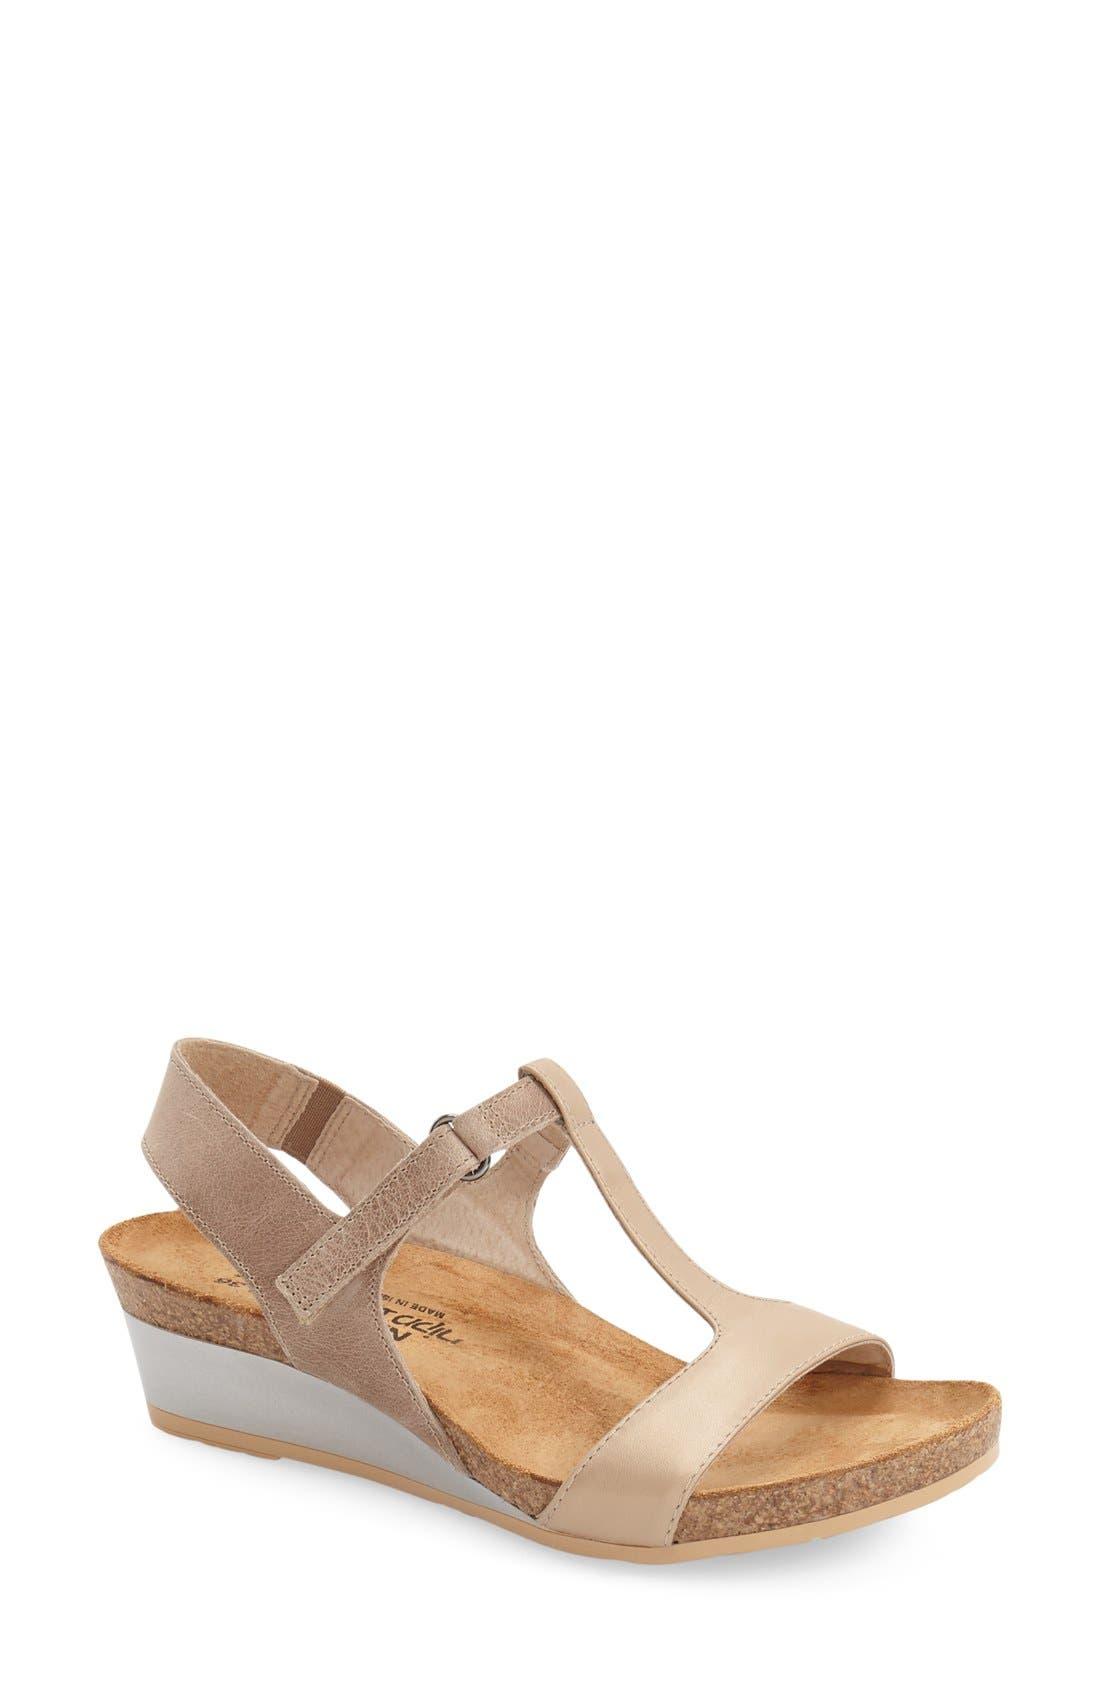 NAOT 'Unicorn' T-Strap Sandal, Main, color, 250